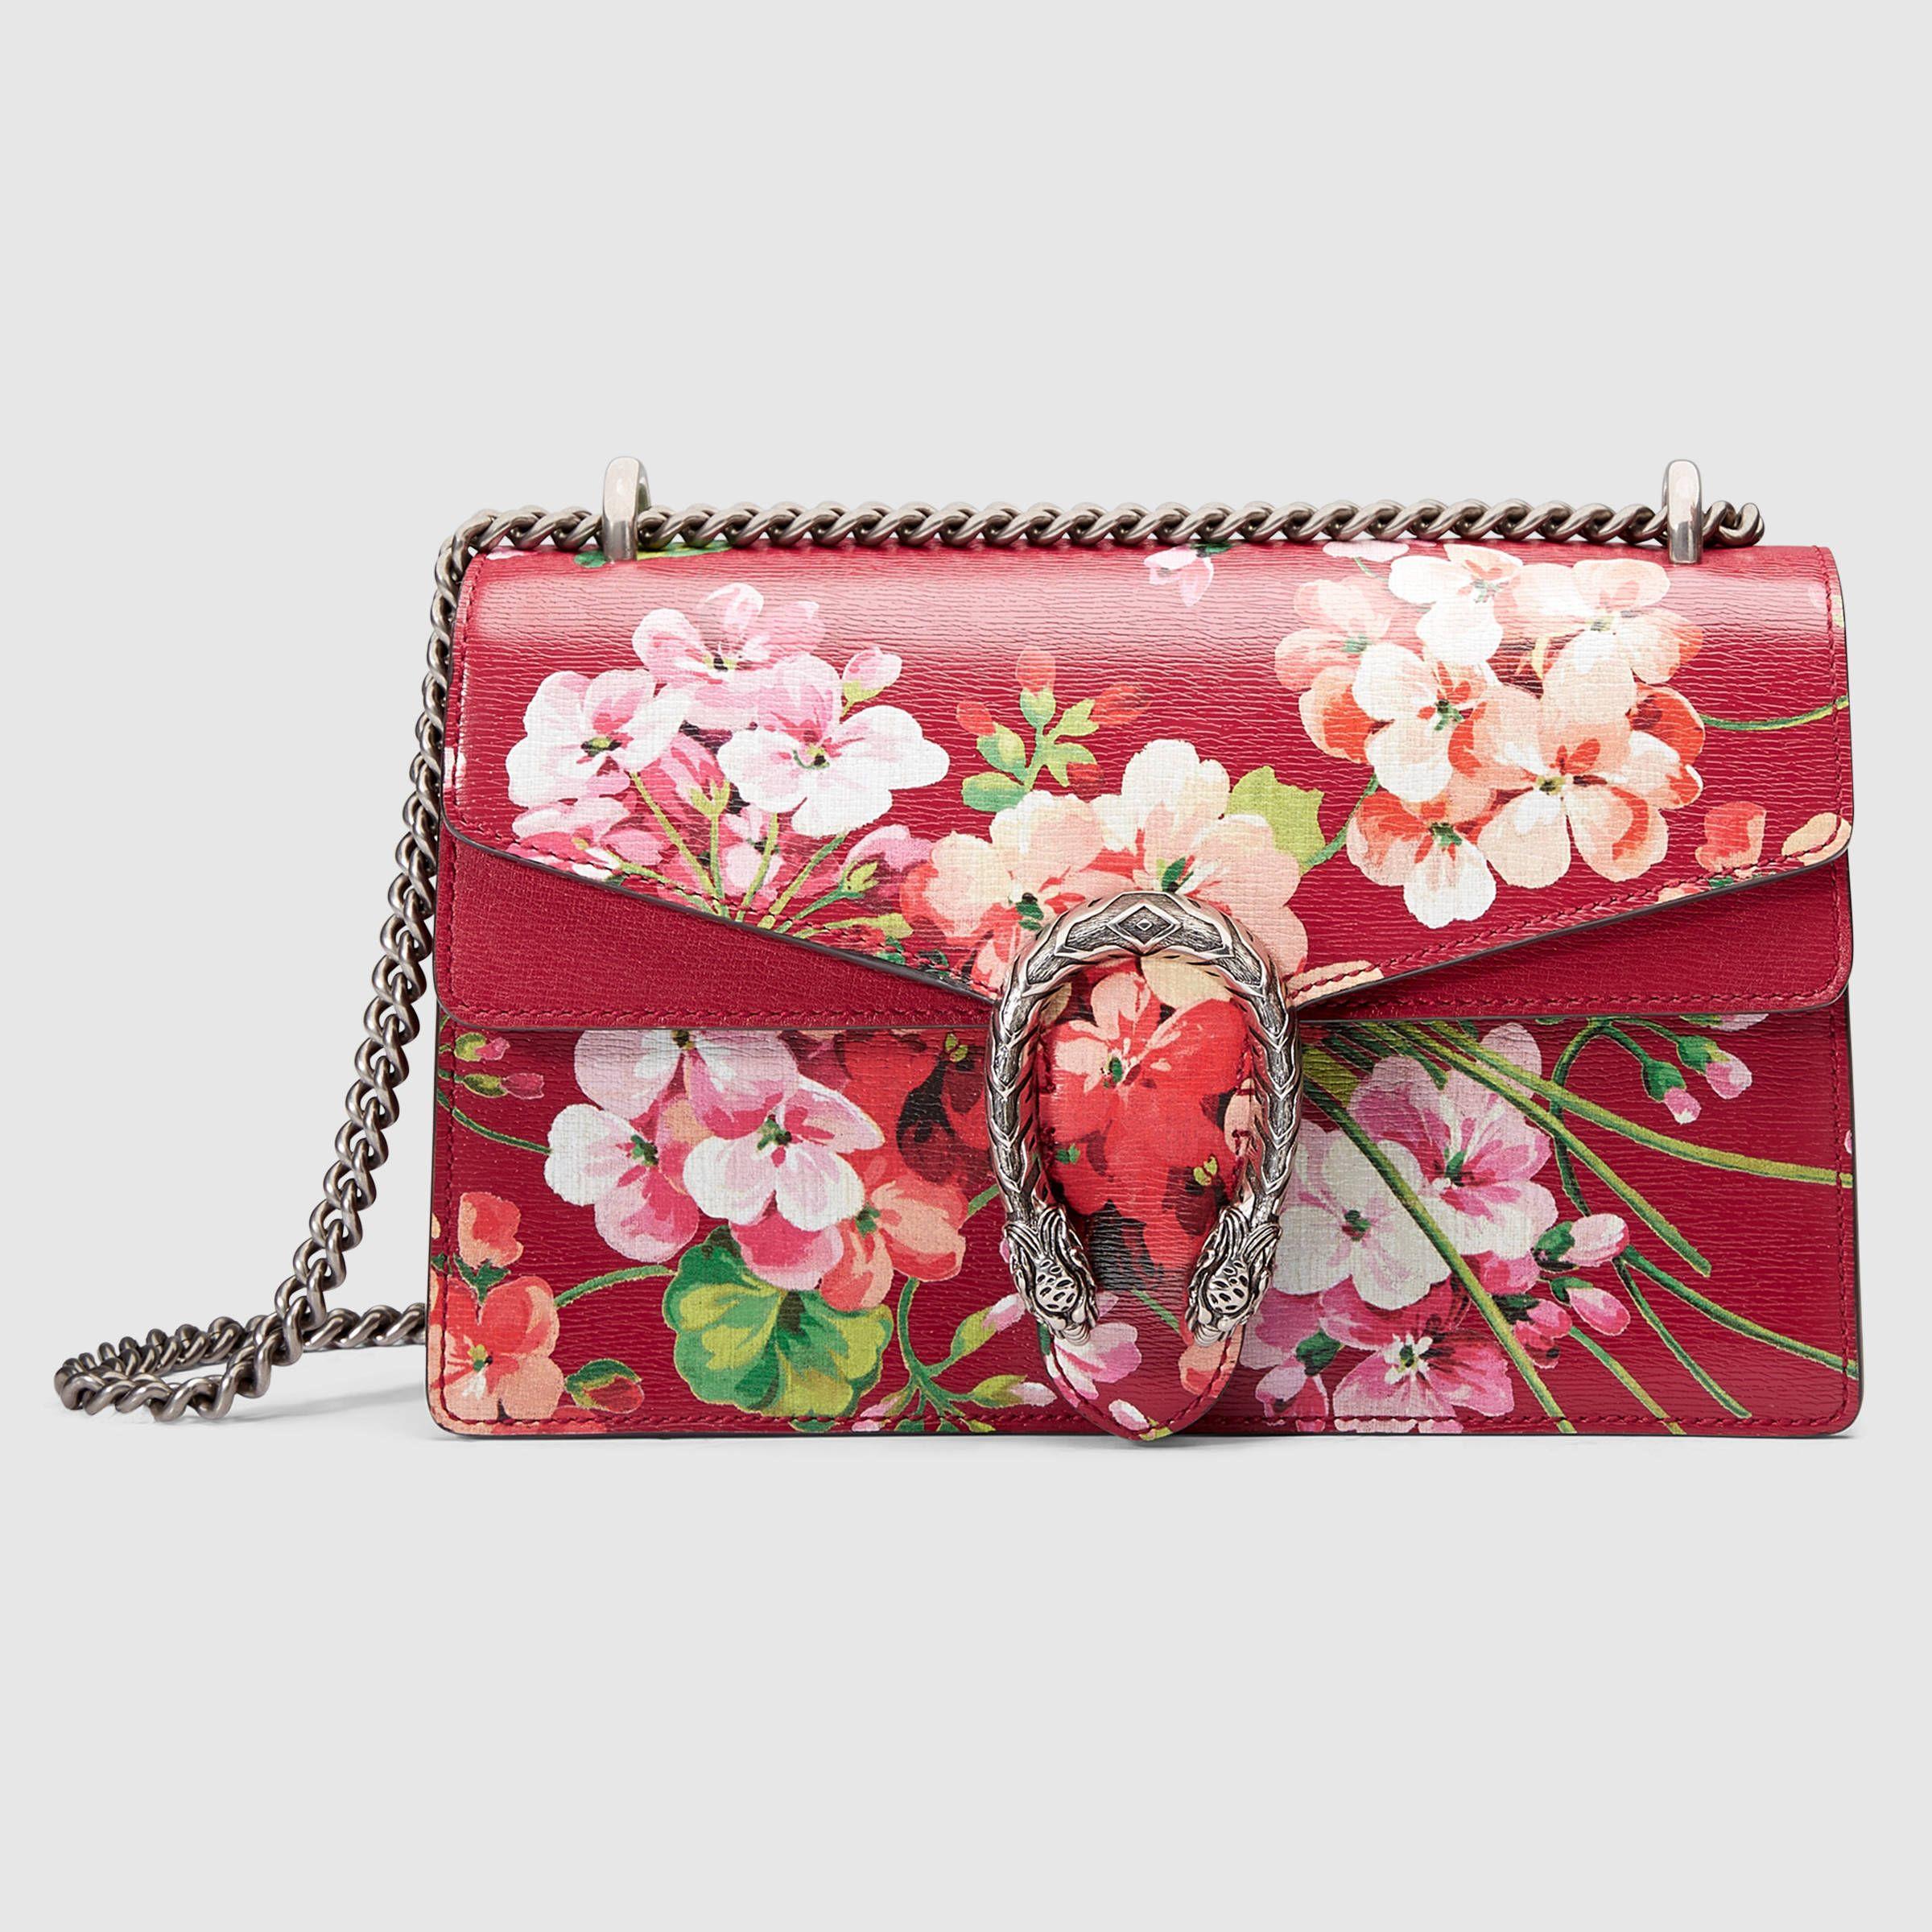 8f7997b9992 Gucci Dionysus Blooms shoulder bag   2